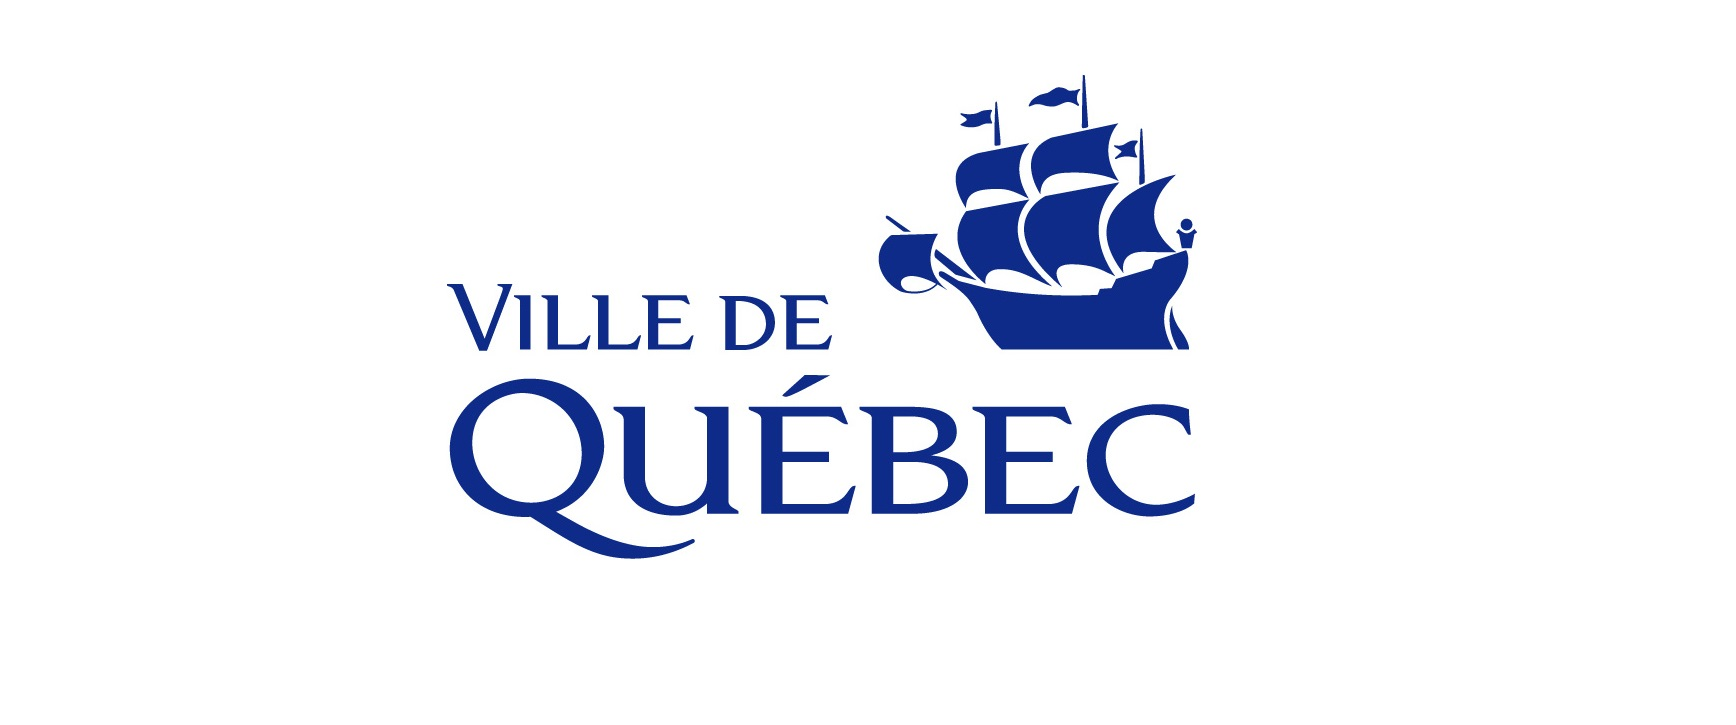 La Ville de Québec et le gouvernement du Québec lancent deux appels de projets